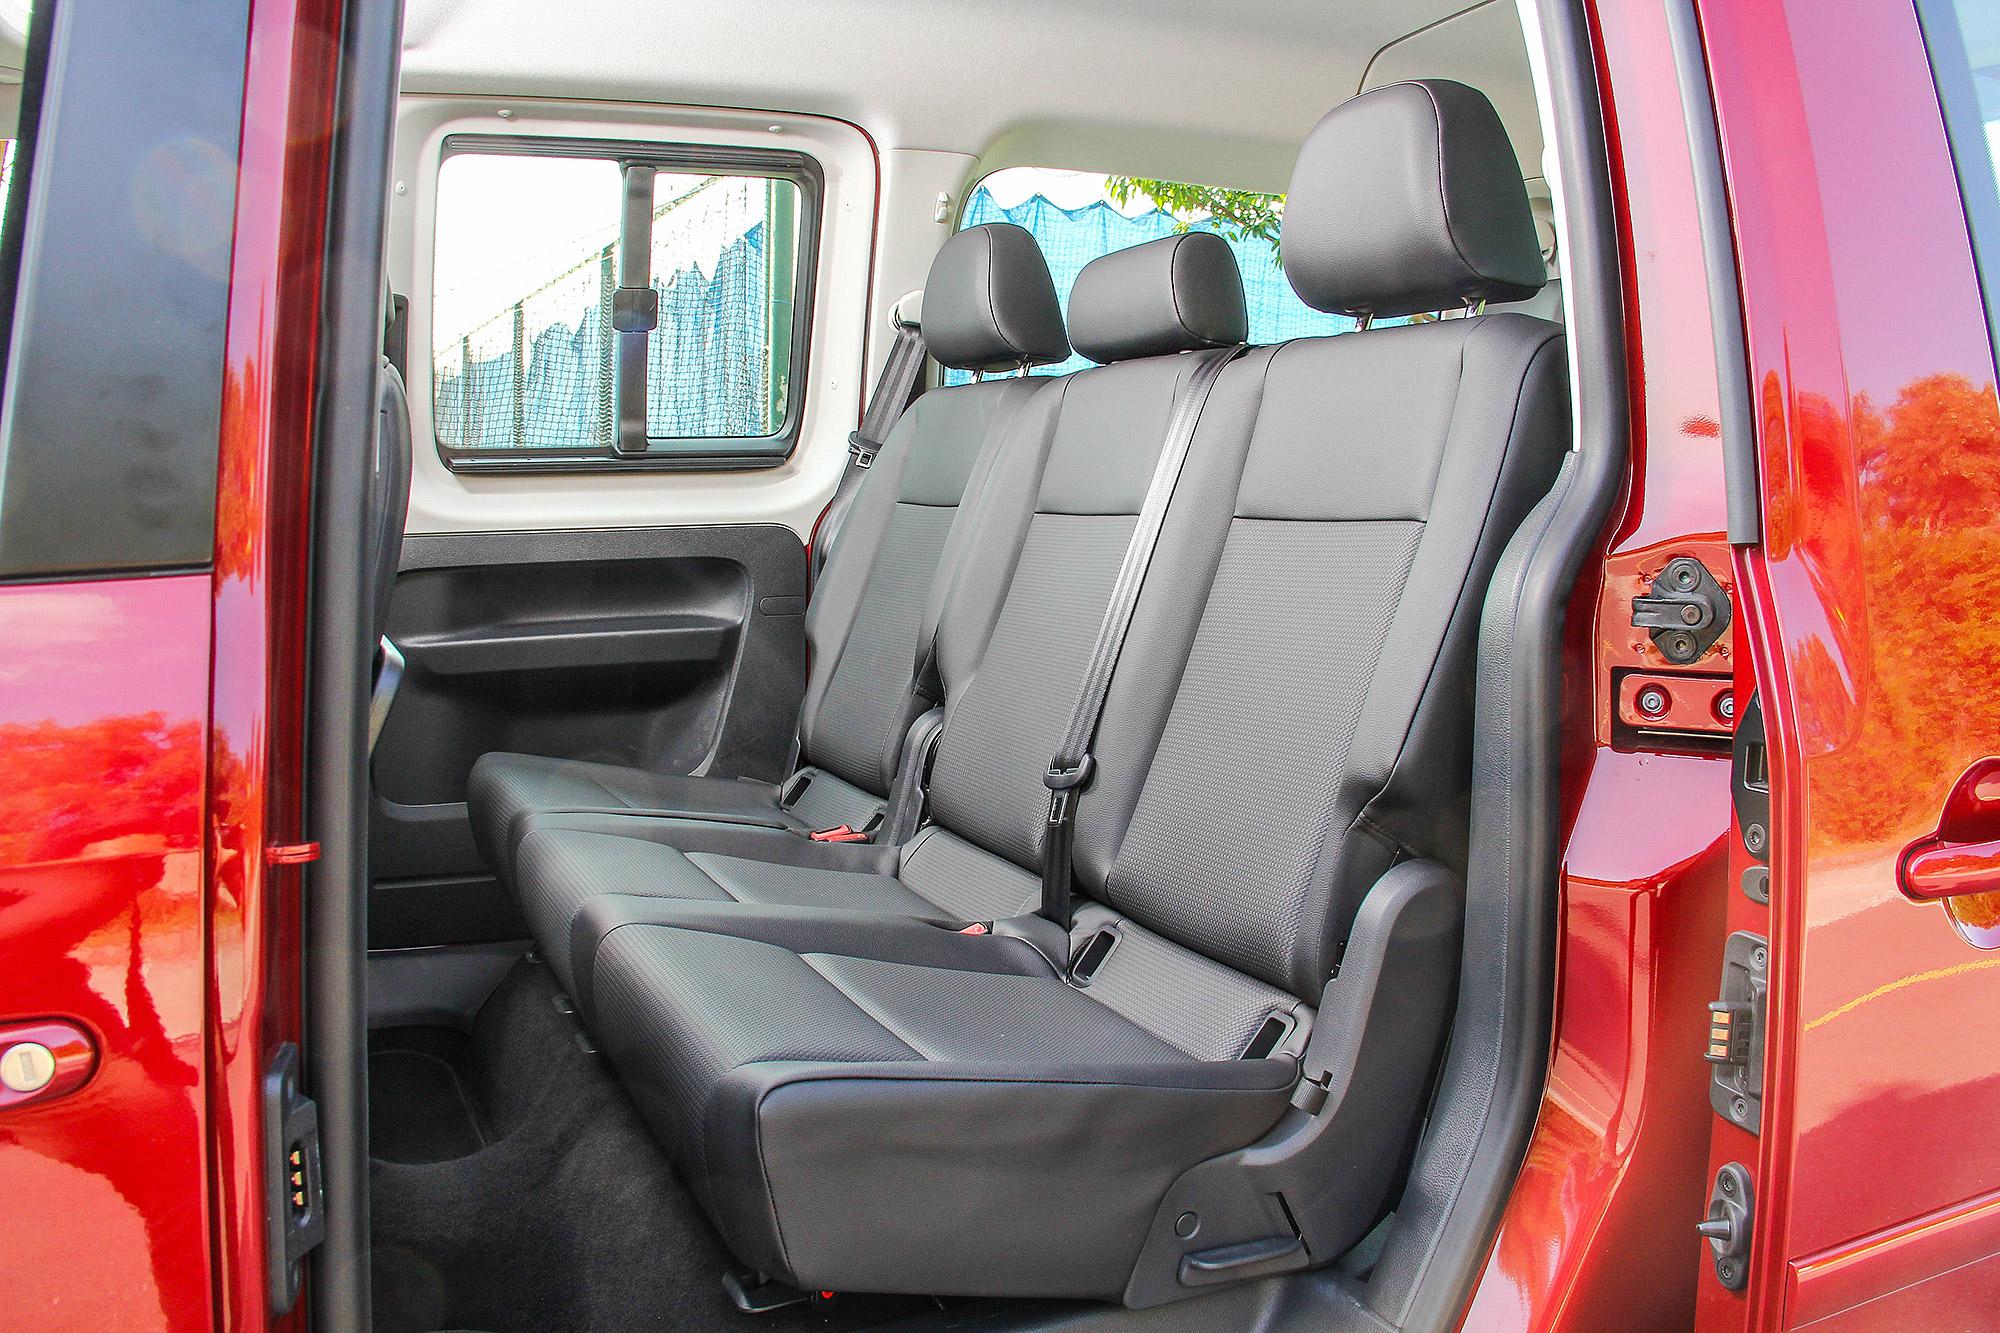 第二排座椅採三人座配置。